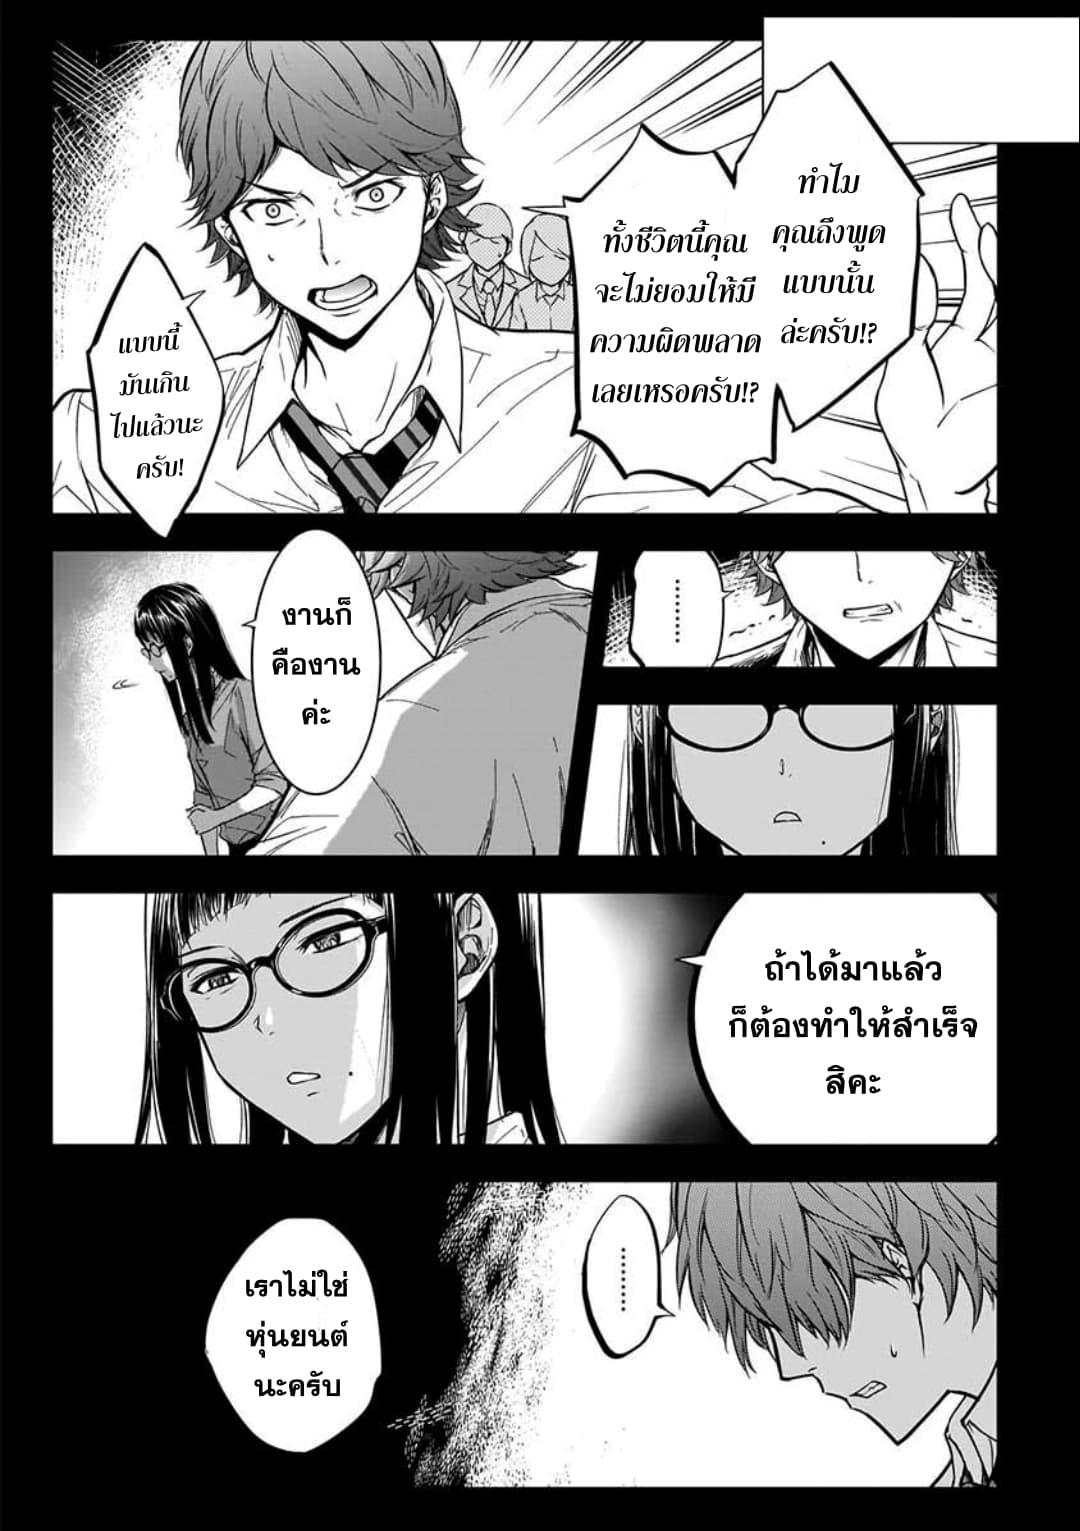 อ่านการ์ตูน Kanojo Gacha ตอนที่ 6 หน้าที่ 12